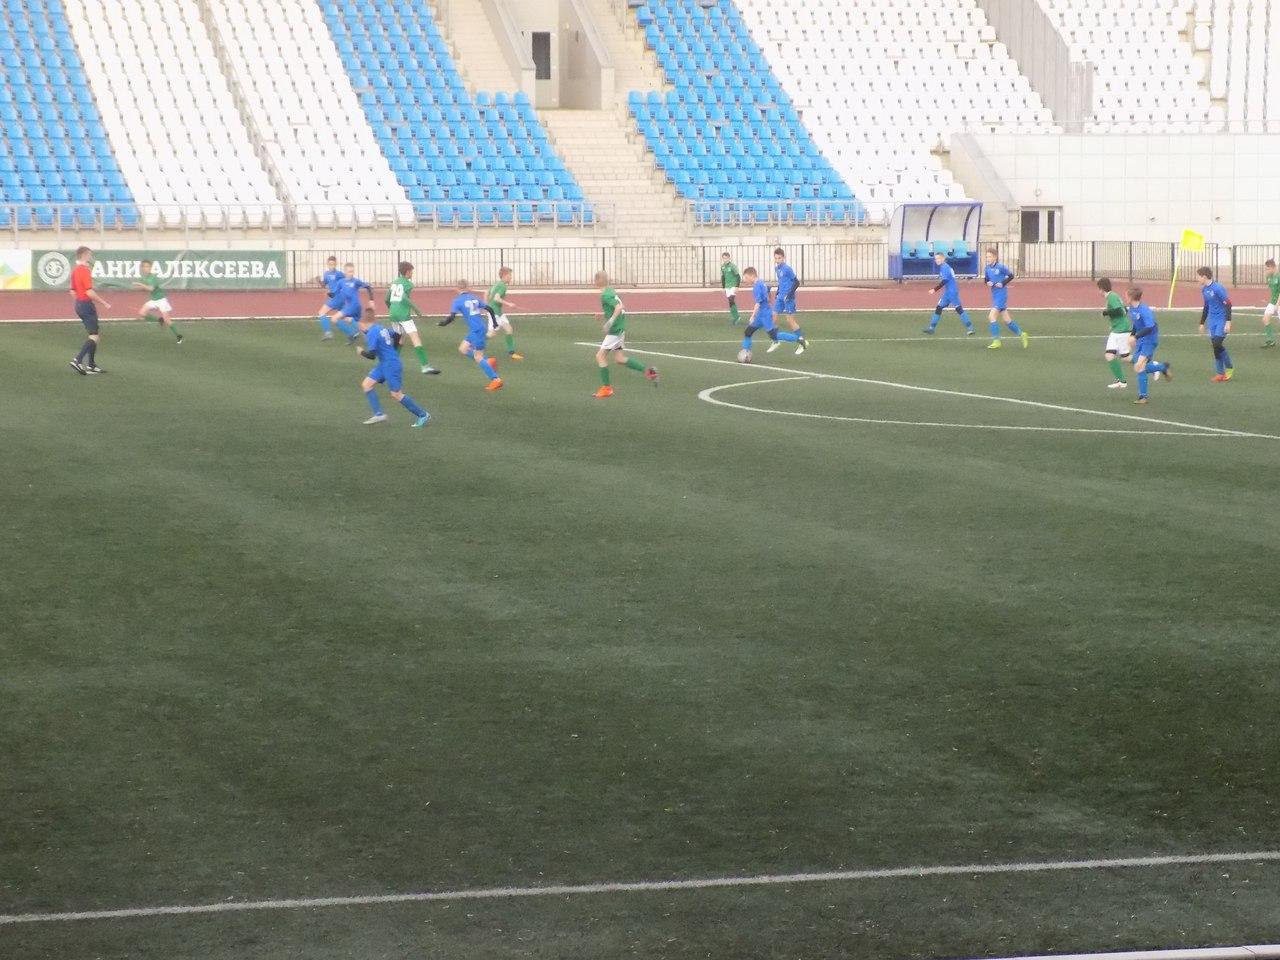 Команды СШ «Витязь» 2005 и 2006 г.р. в 17 туре Первенства России потерпели два поражения